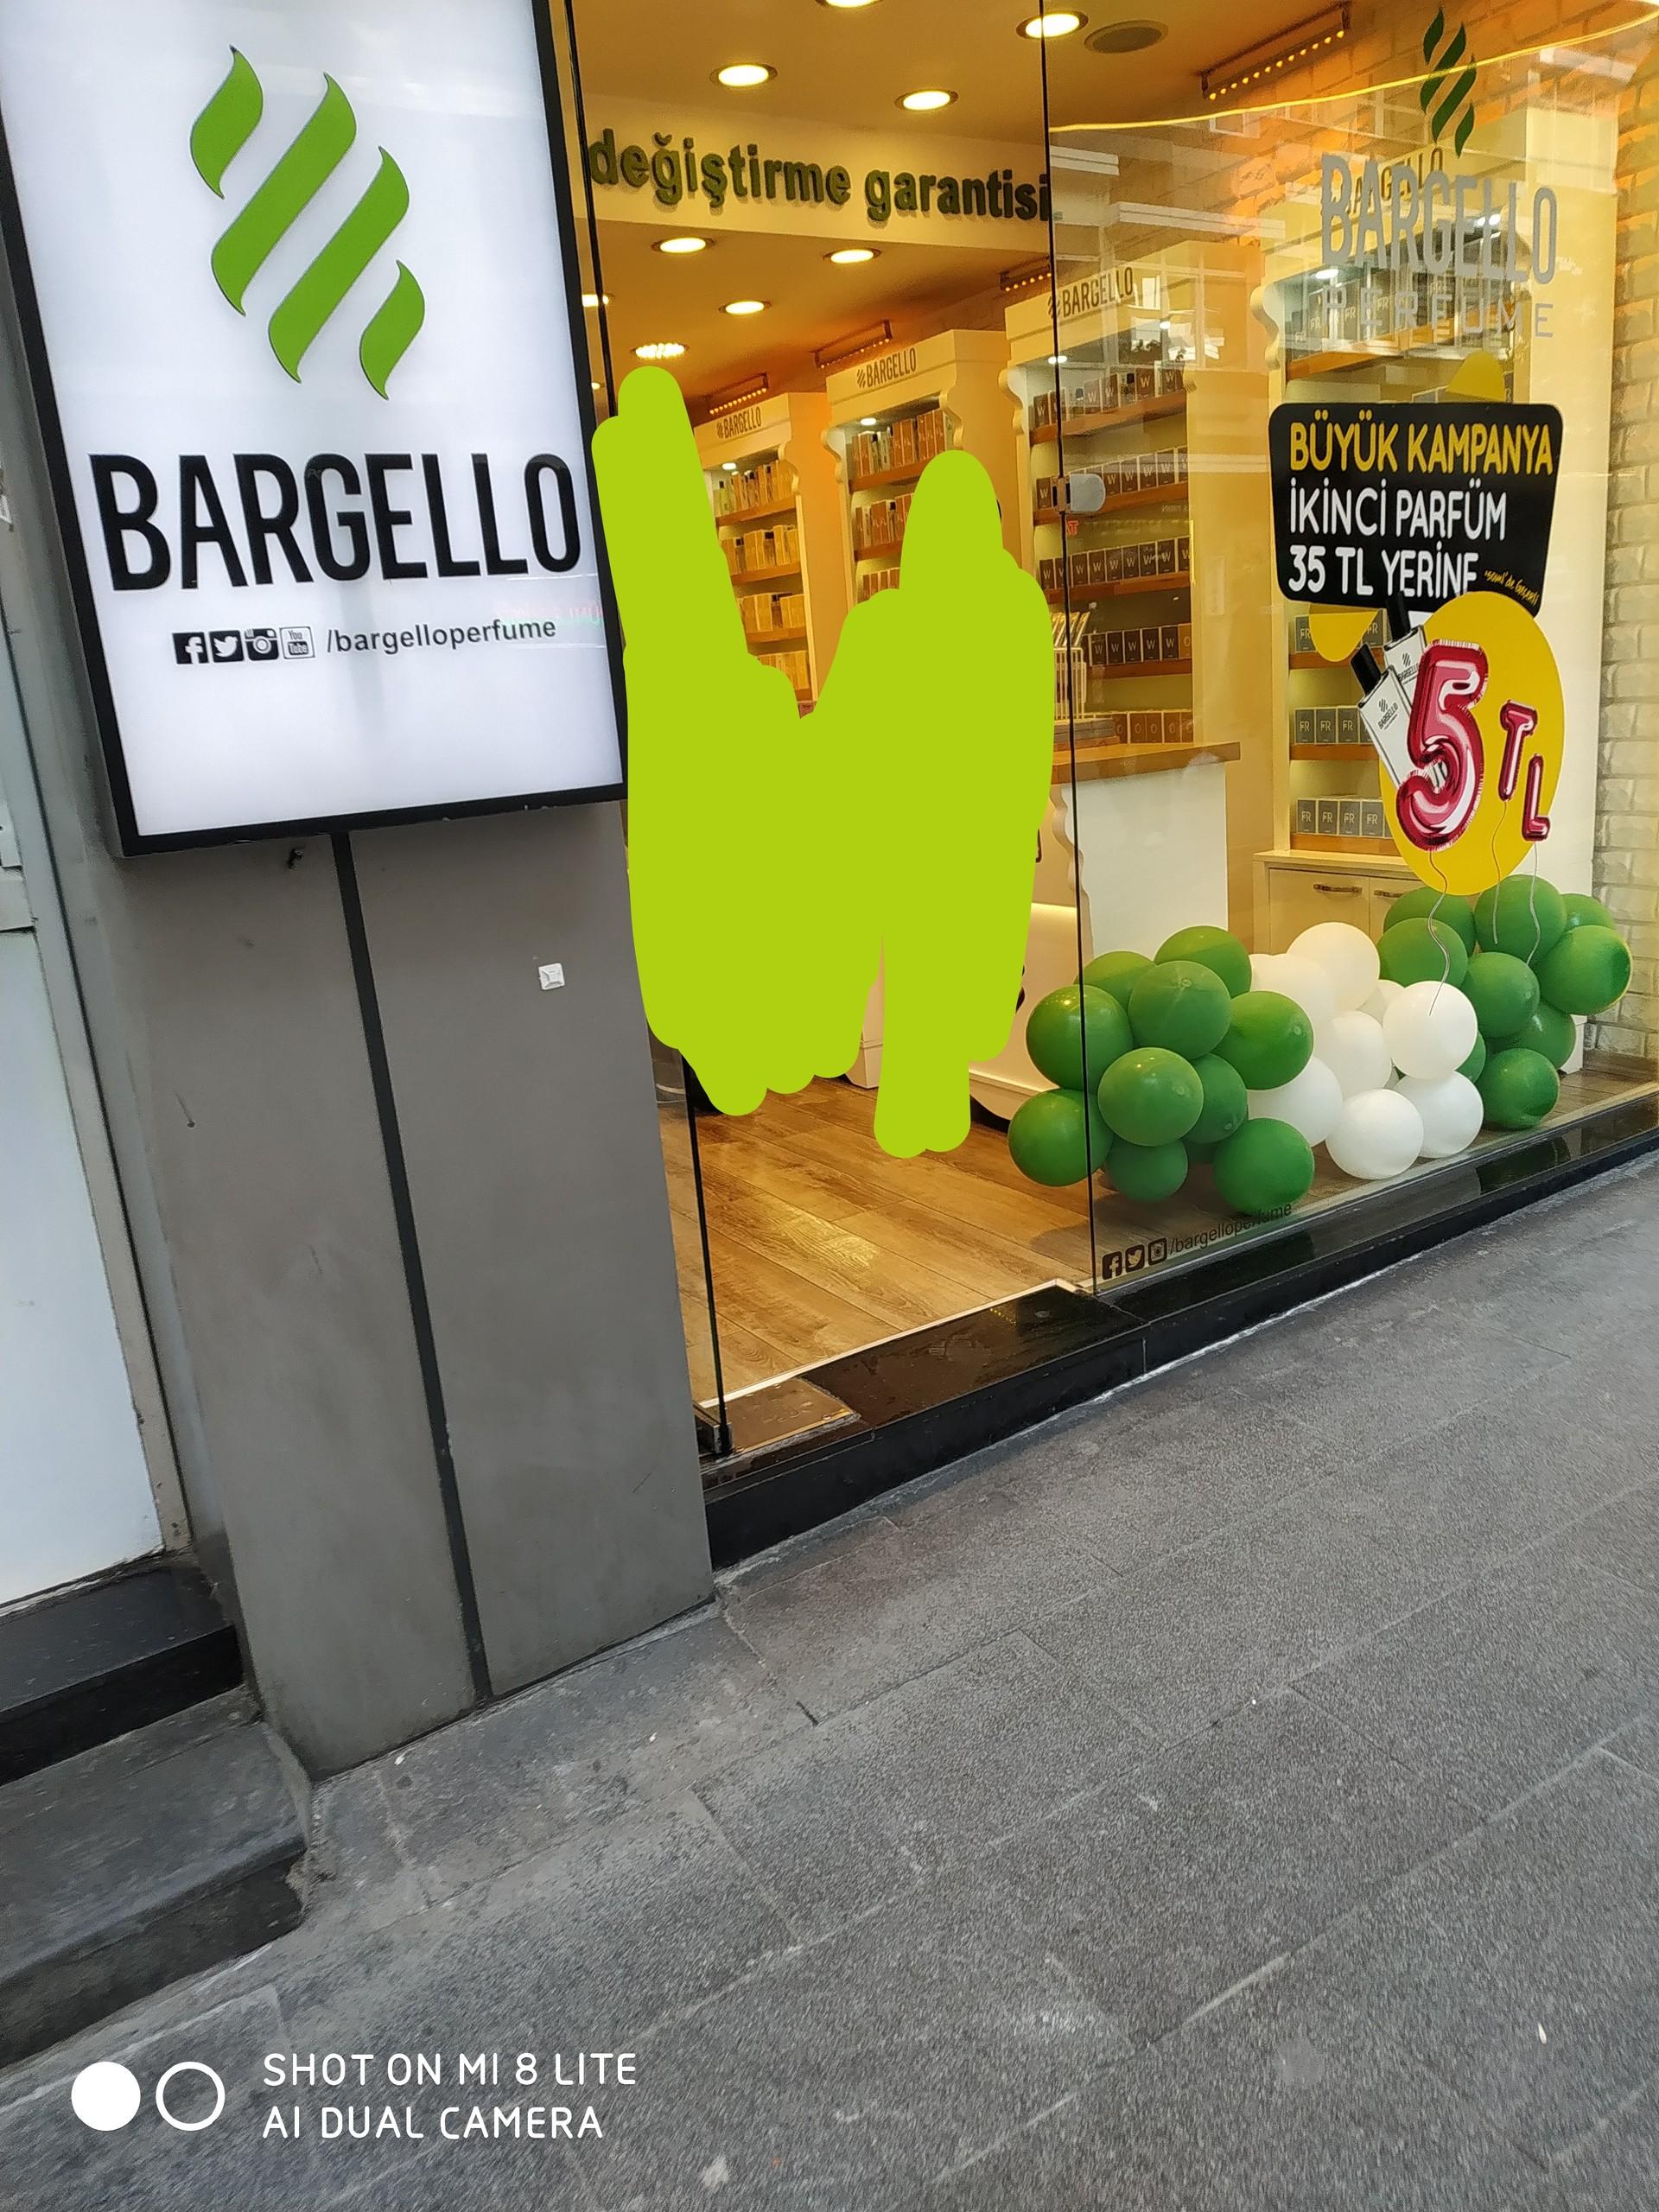 Bargello 2 Parfüm 40 Tl Samsun Sayfa 1 2